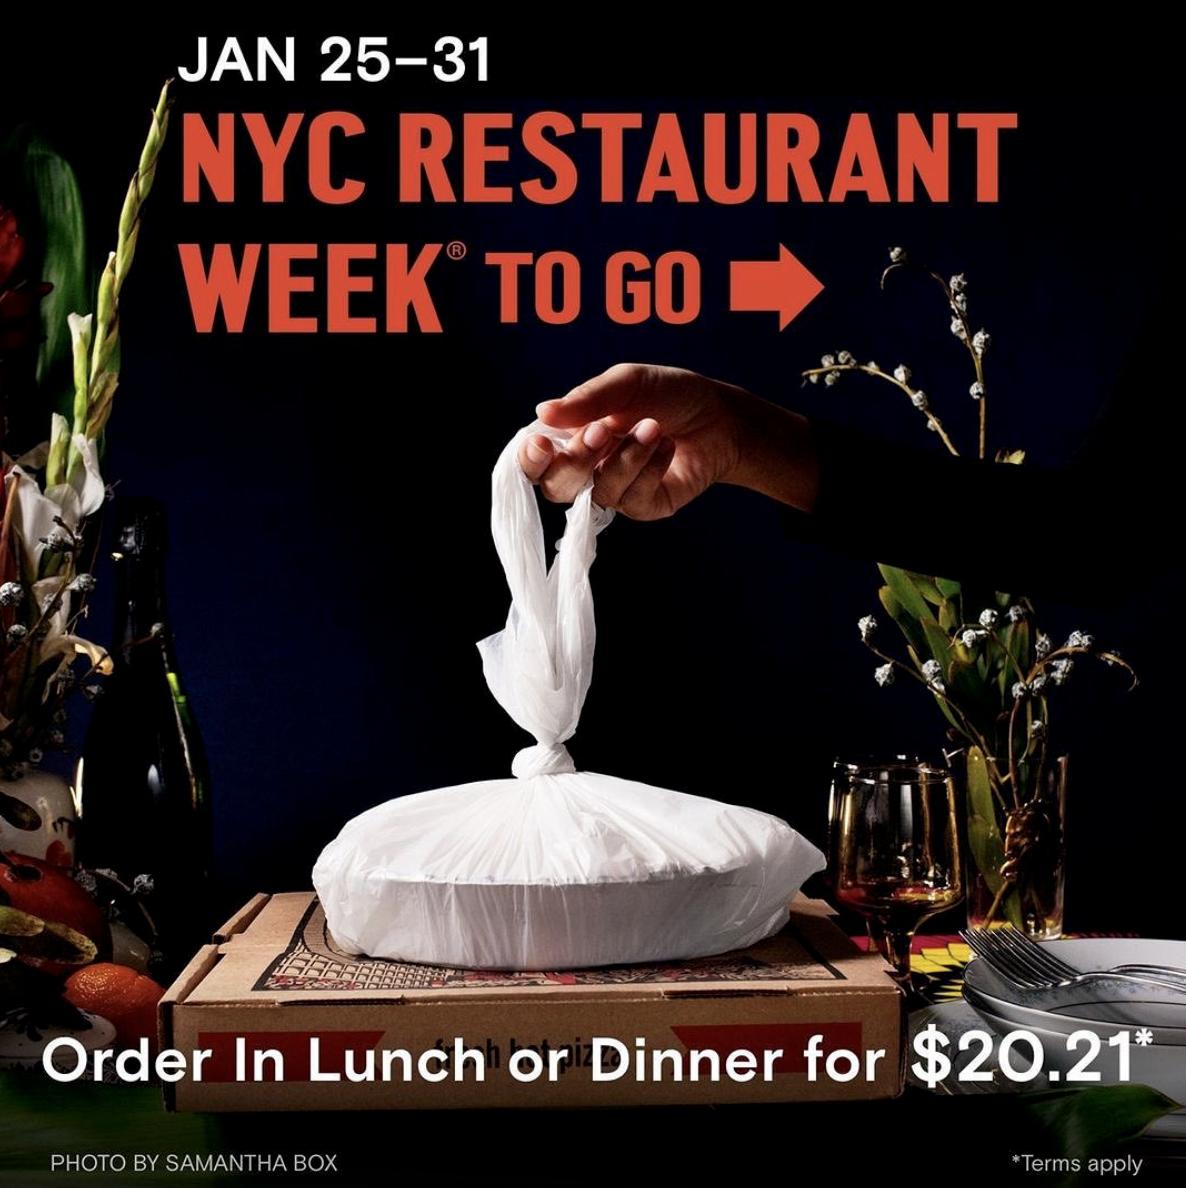 NYC Restaurant Week To Go: Beginning 1/25